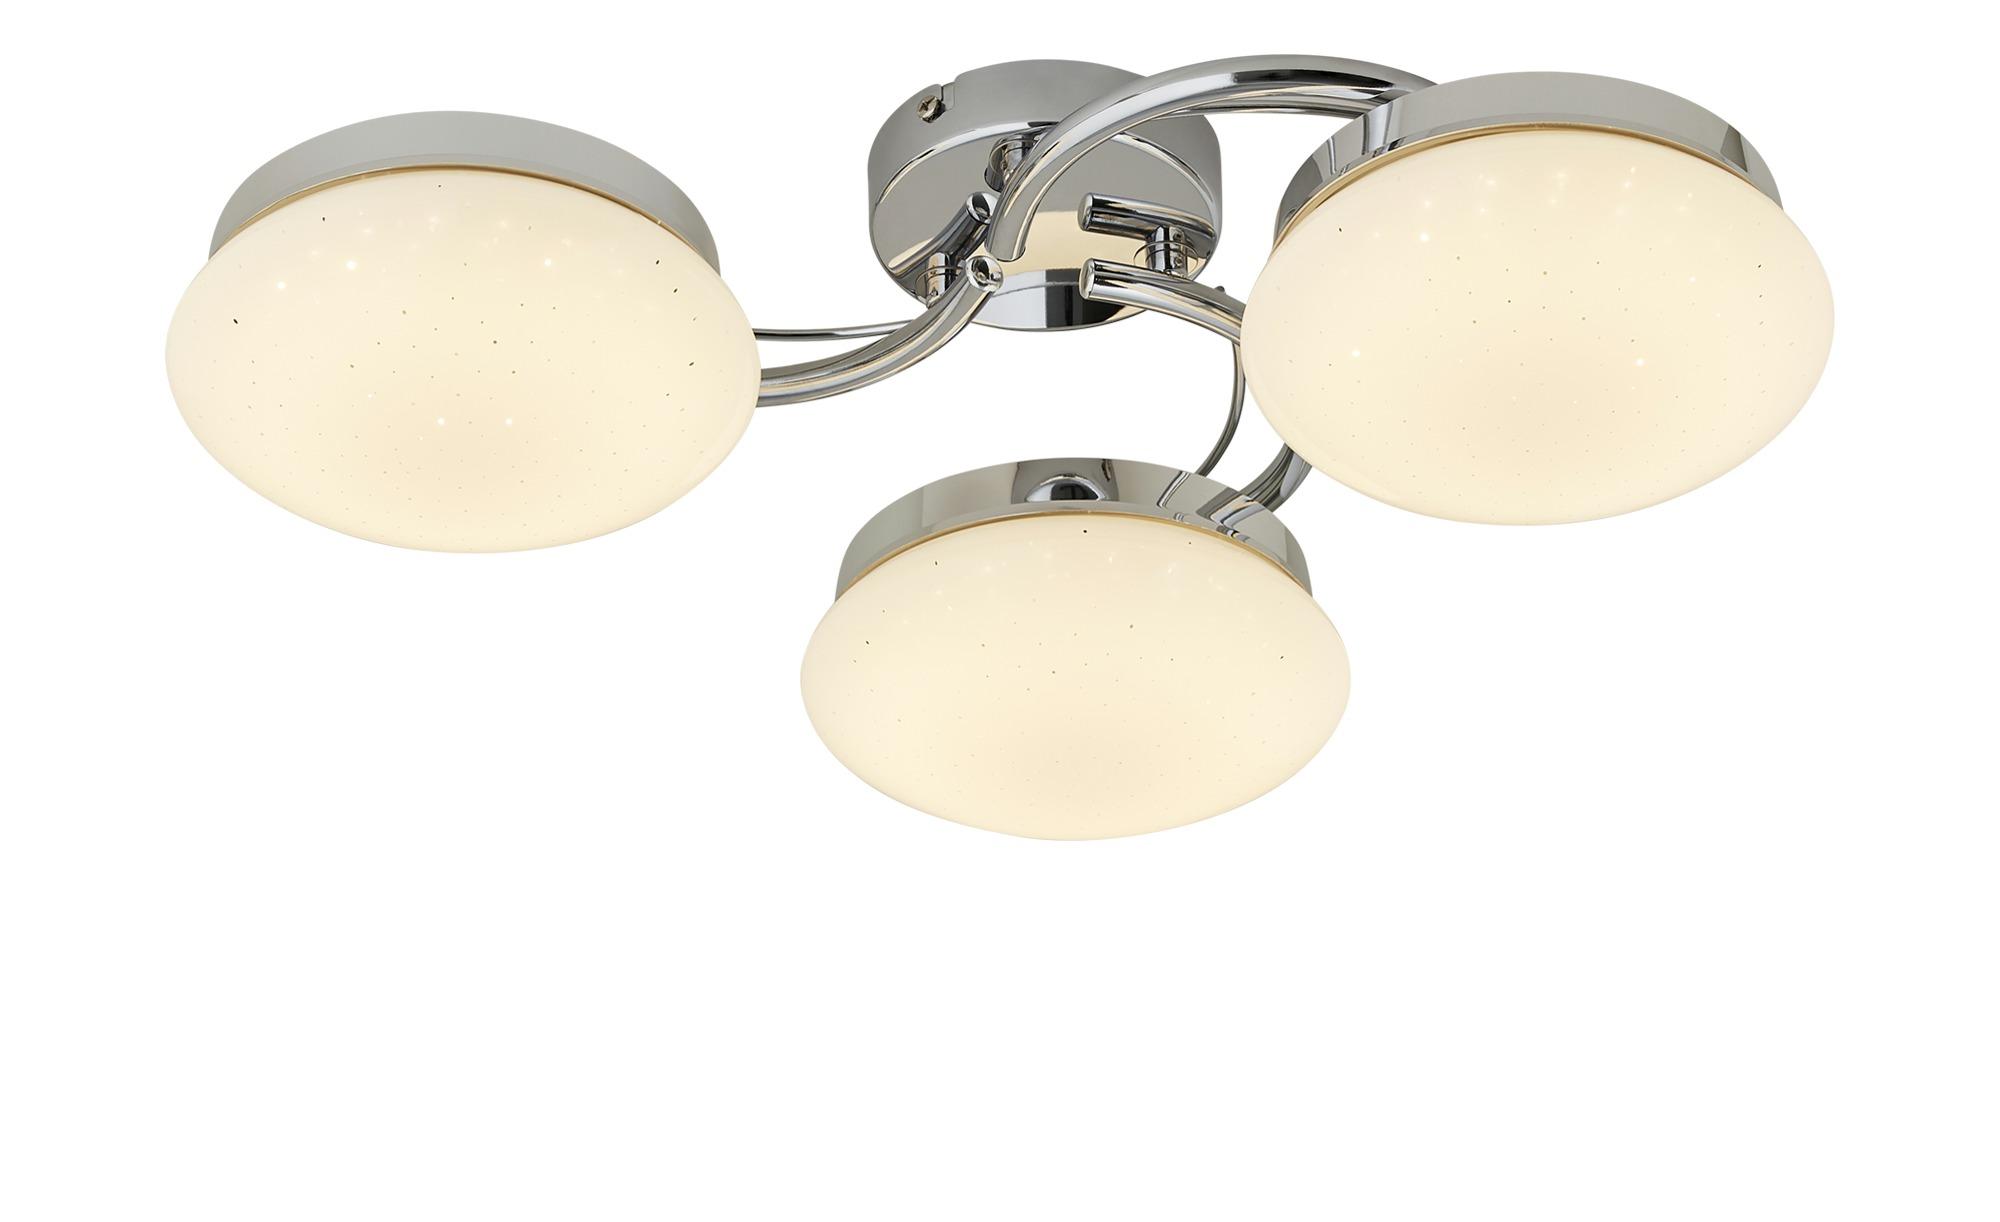 KHG LED-Deckenleuchte, 3-flammig, ´Sterneneffekt` ¦ silber ¦ Maße (cm): B: 56 H: 14 Lampen & Leuchten > Innenleuchten > Deckenleuchten - Höffner